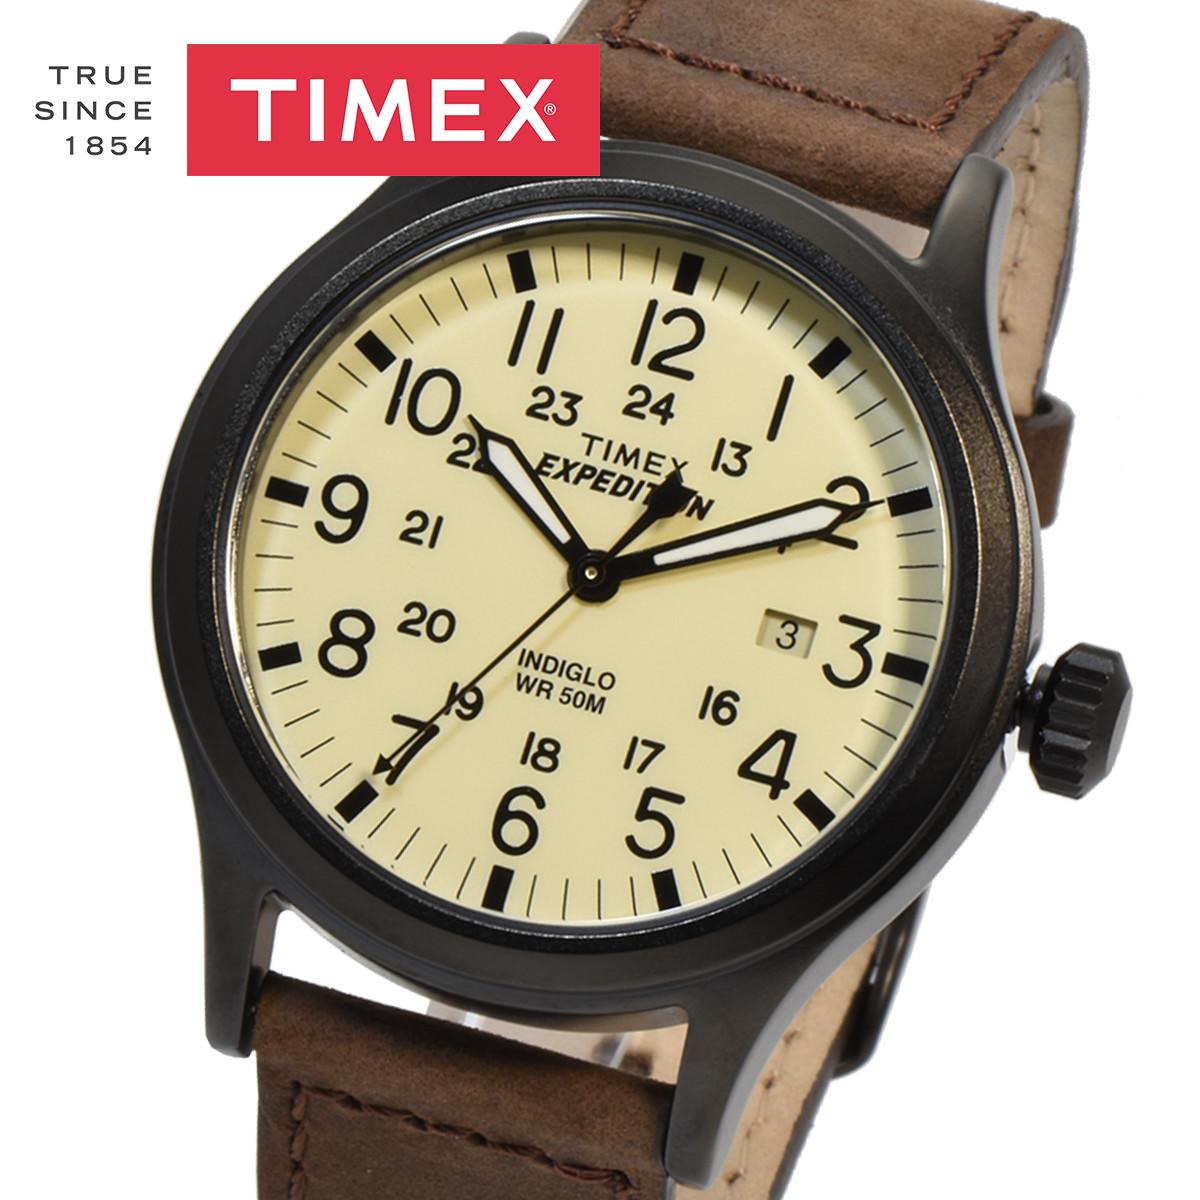 【全品送料無料】 TIMEX タイメックス T49963 EXPEDITION SCOUT METAL エクスペディション スカウト メタル メンズ レディース ユニセックス 時計 腕時計 プレゼント 贈り物 ギフト 彼氏 カジュアル ミリタリー ペアウォッチ[あす楽]